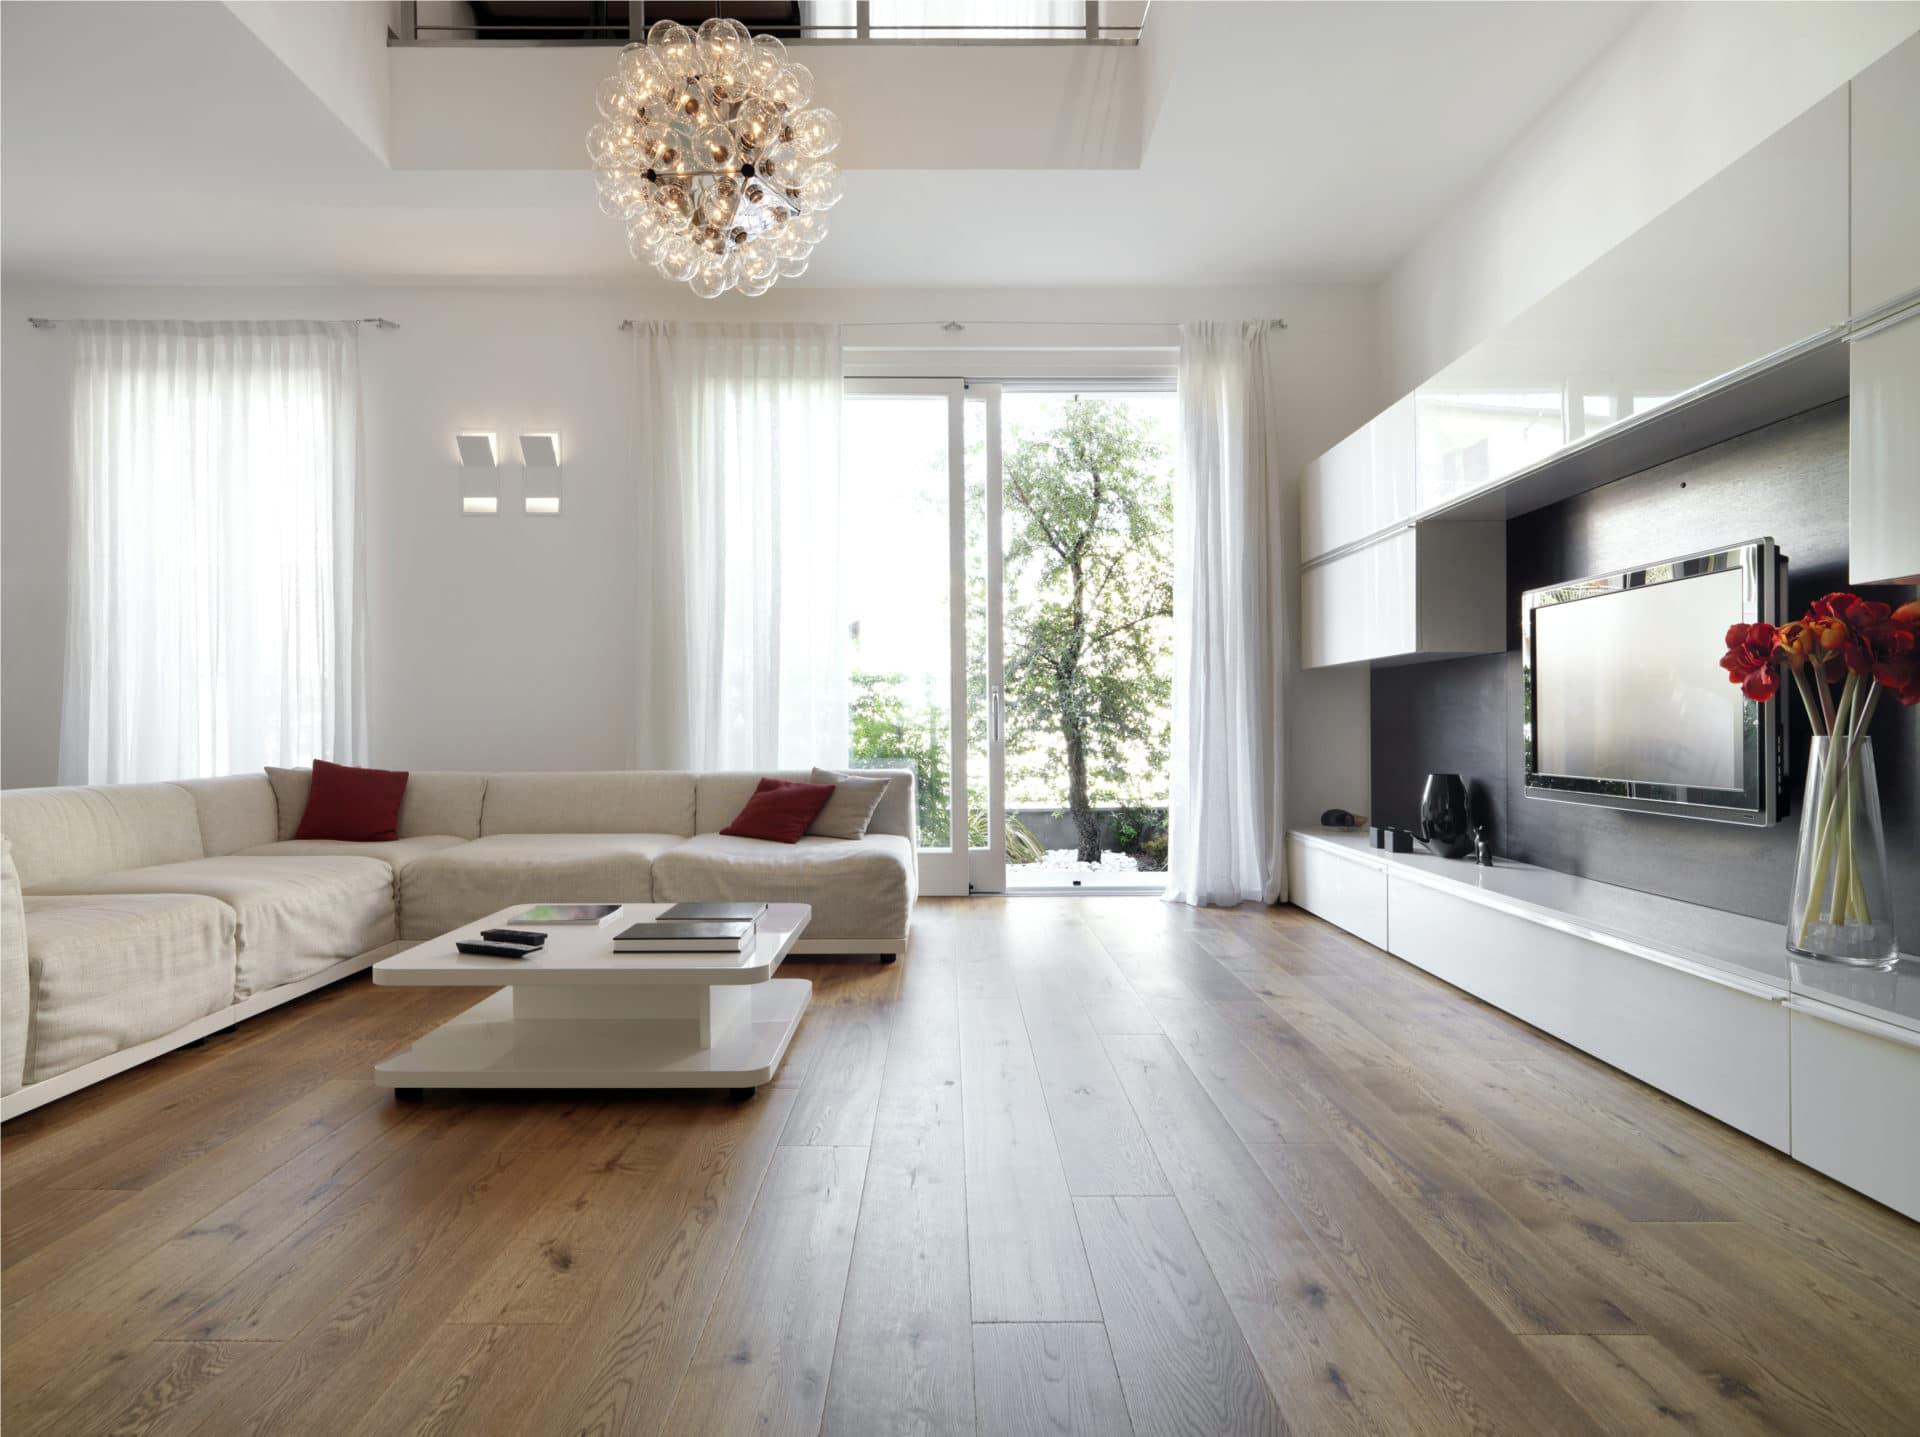 transformer sa maison en redistribuant les pièces - illico travaux